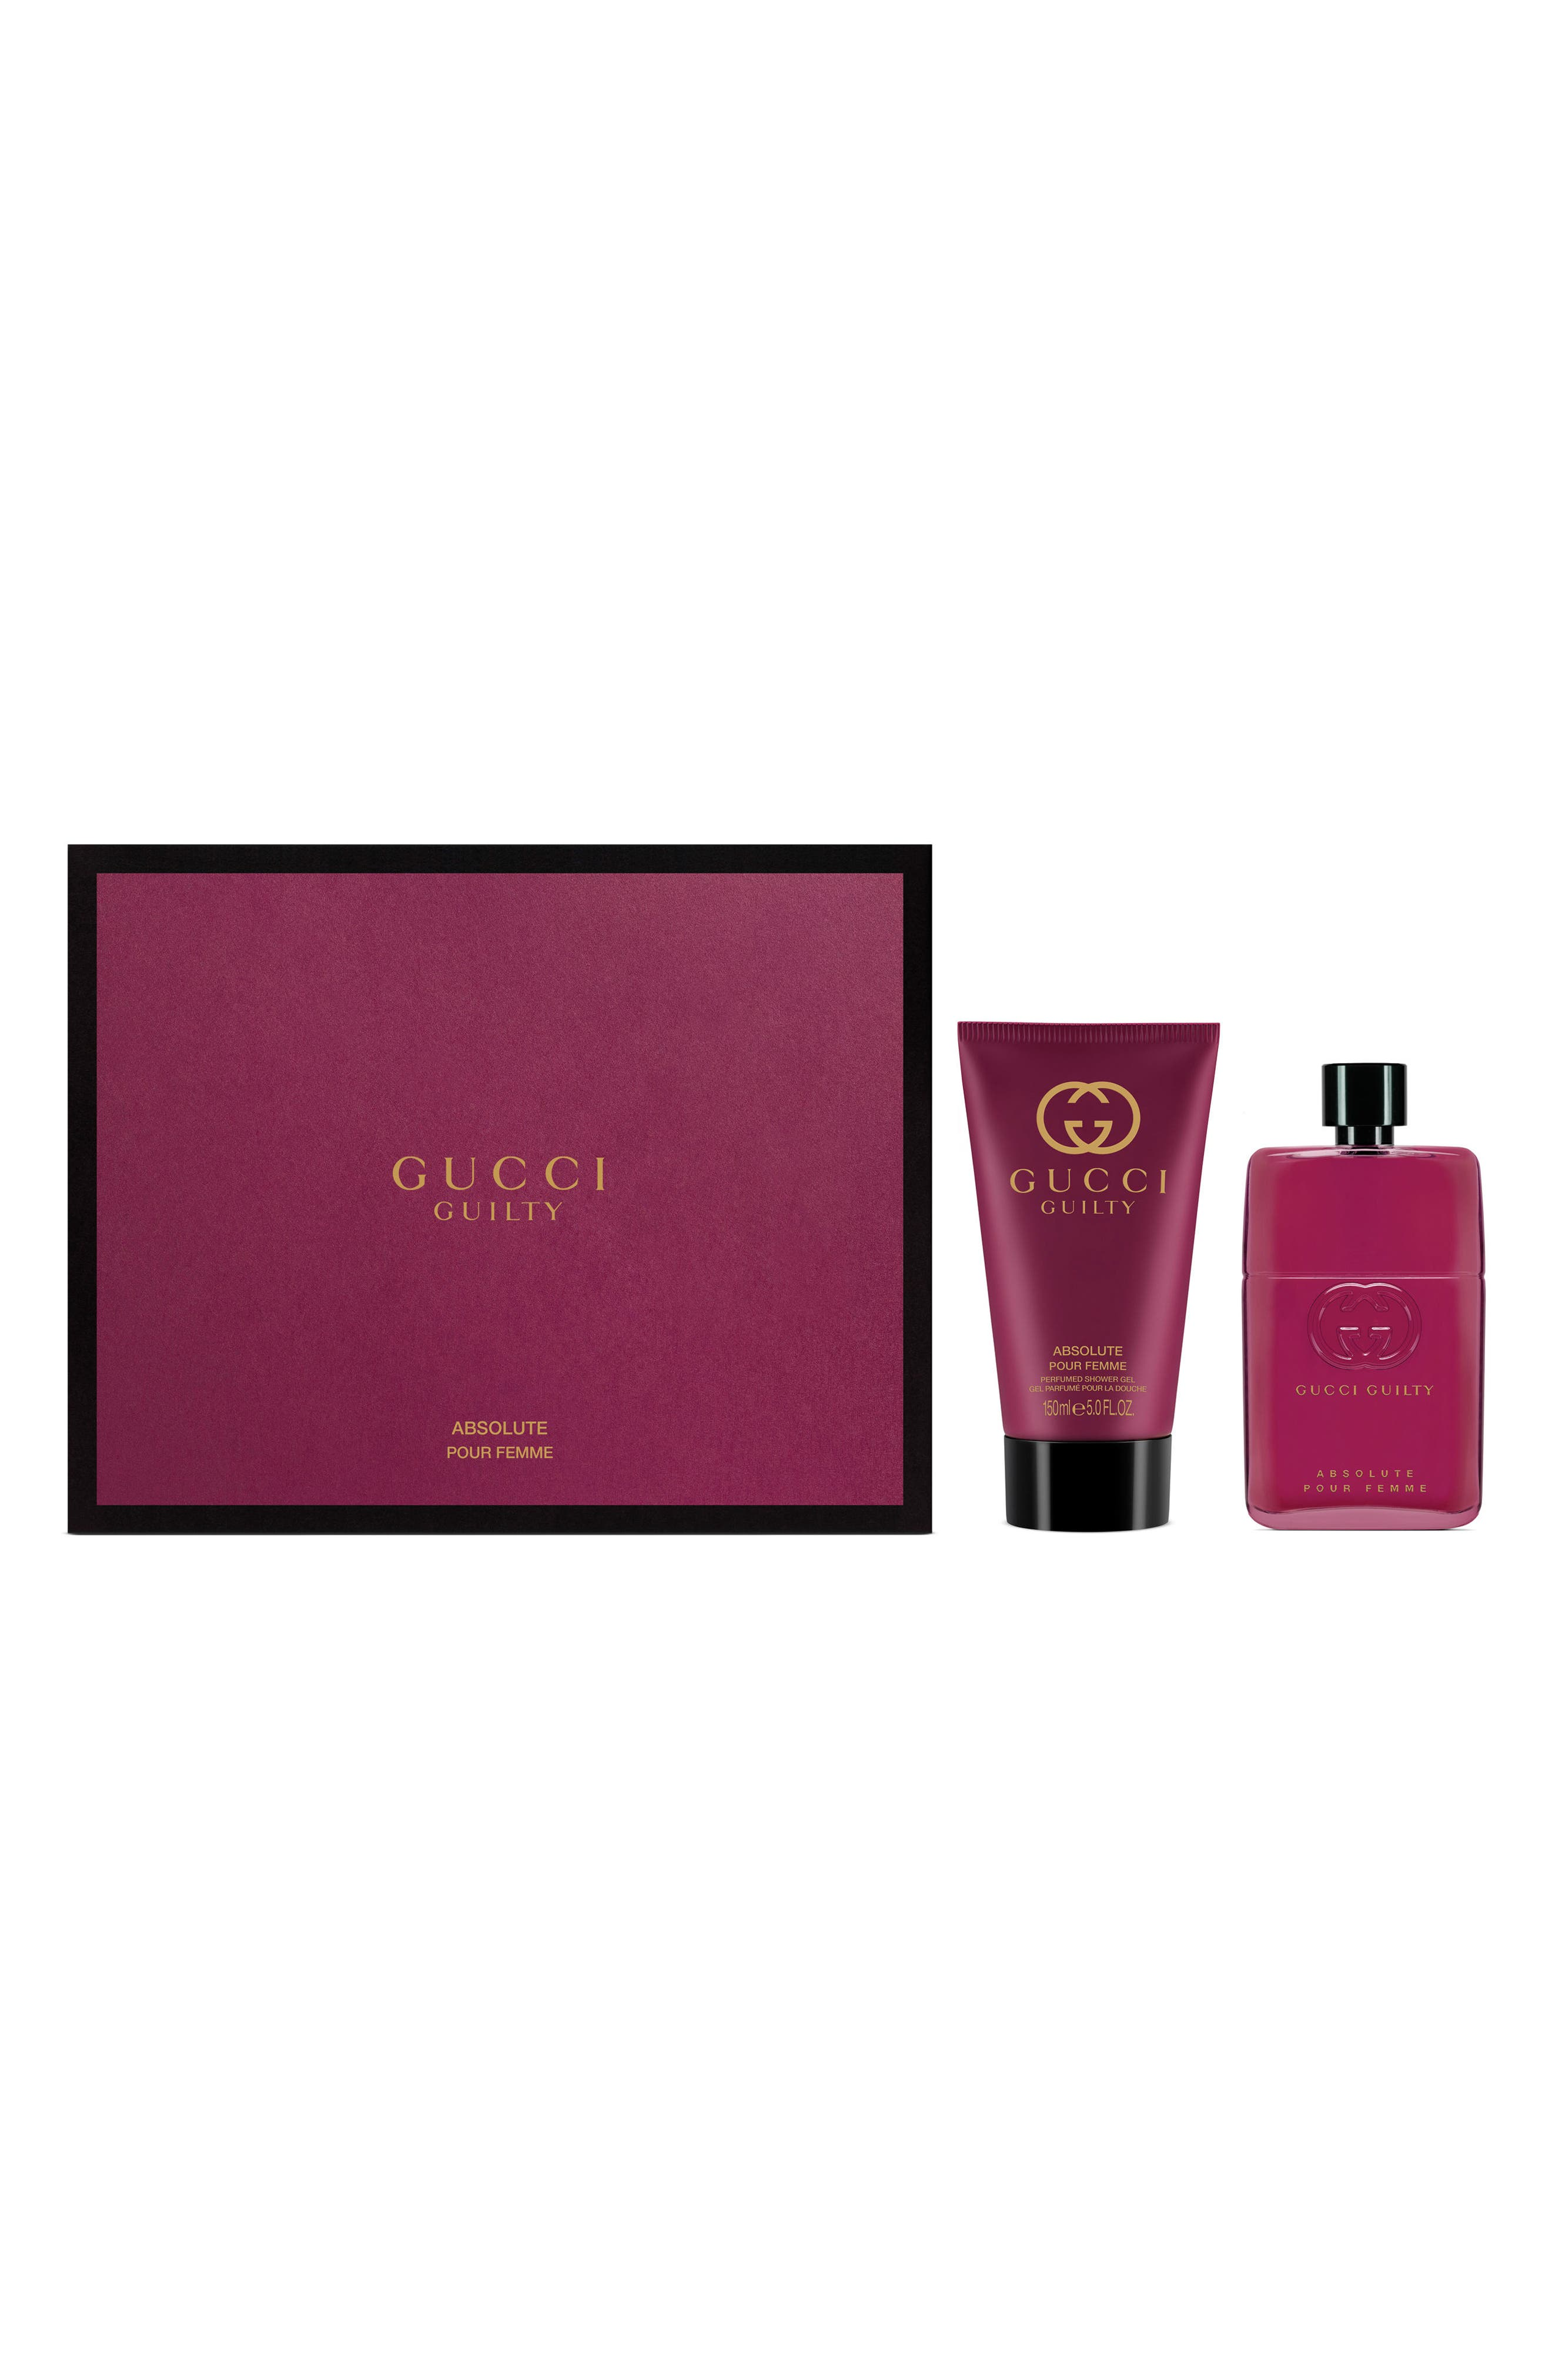 Gucci Guilty Absolute Pour Femme Eau de Parfum Mother's Day Gift Set